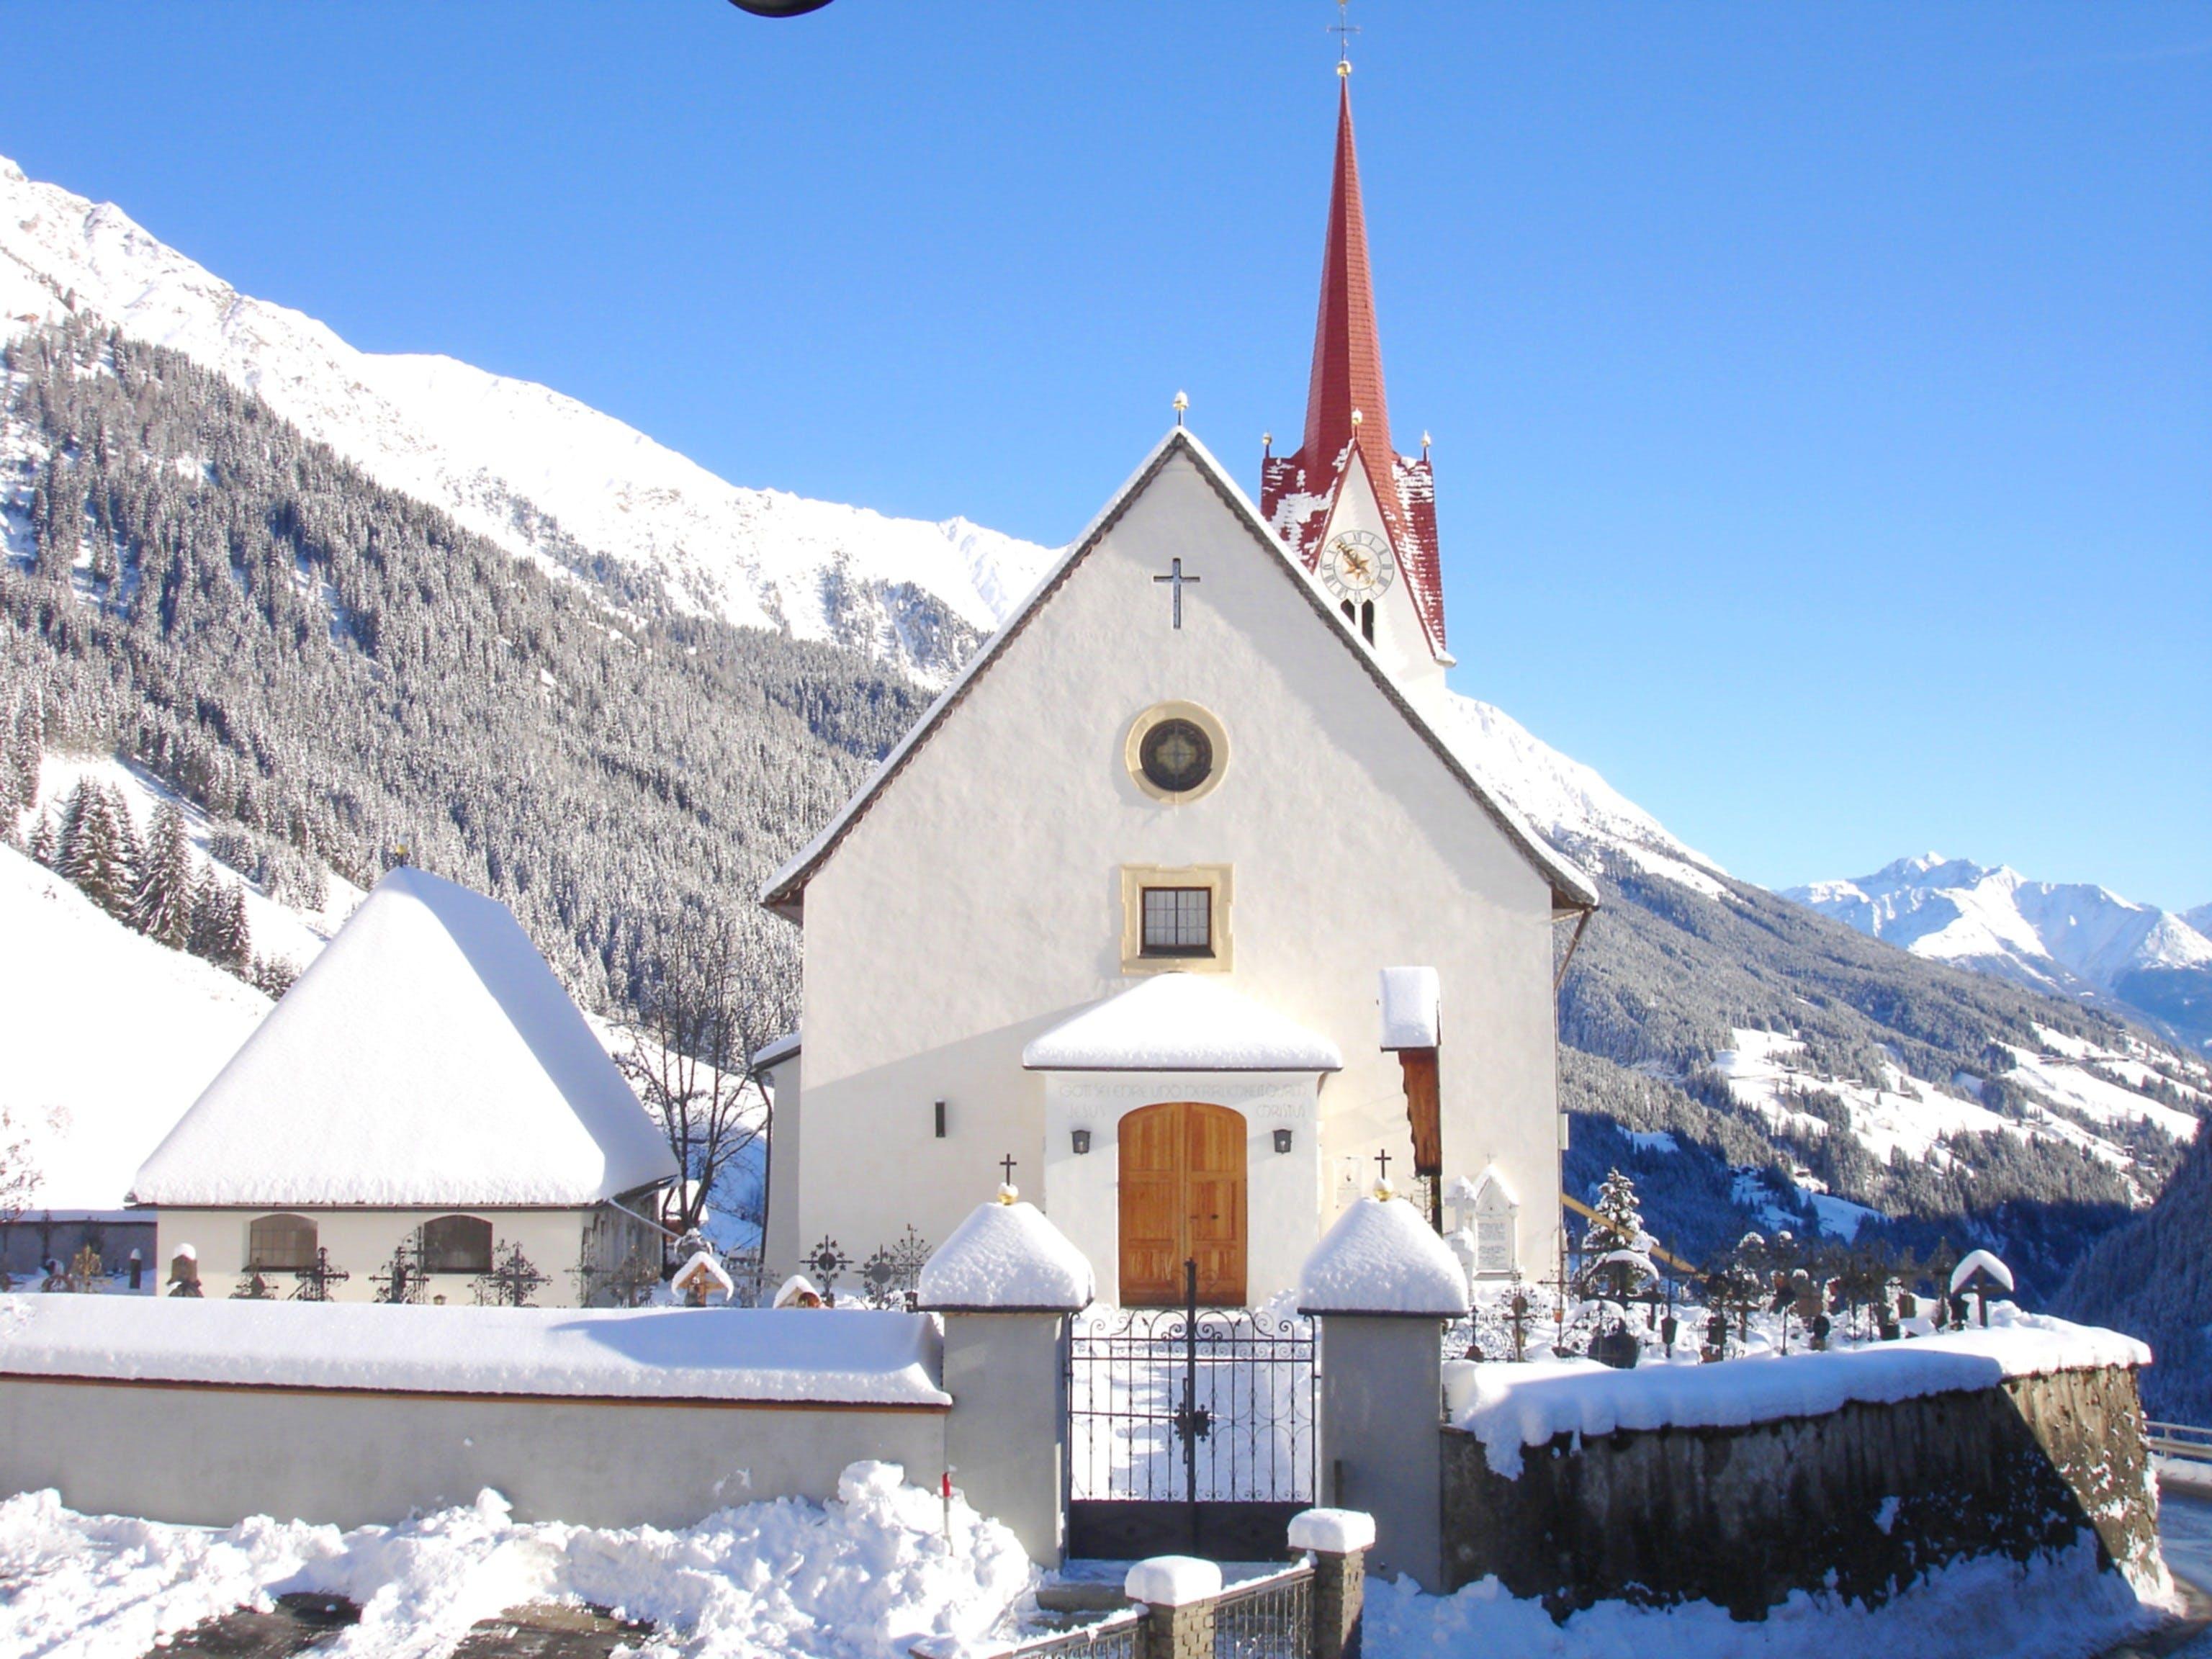 architecture, church, cold